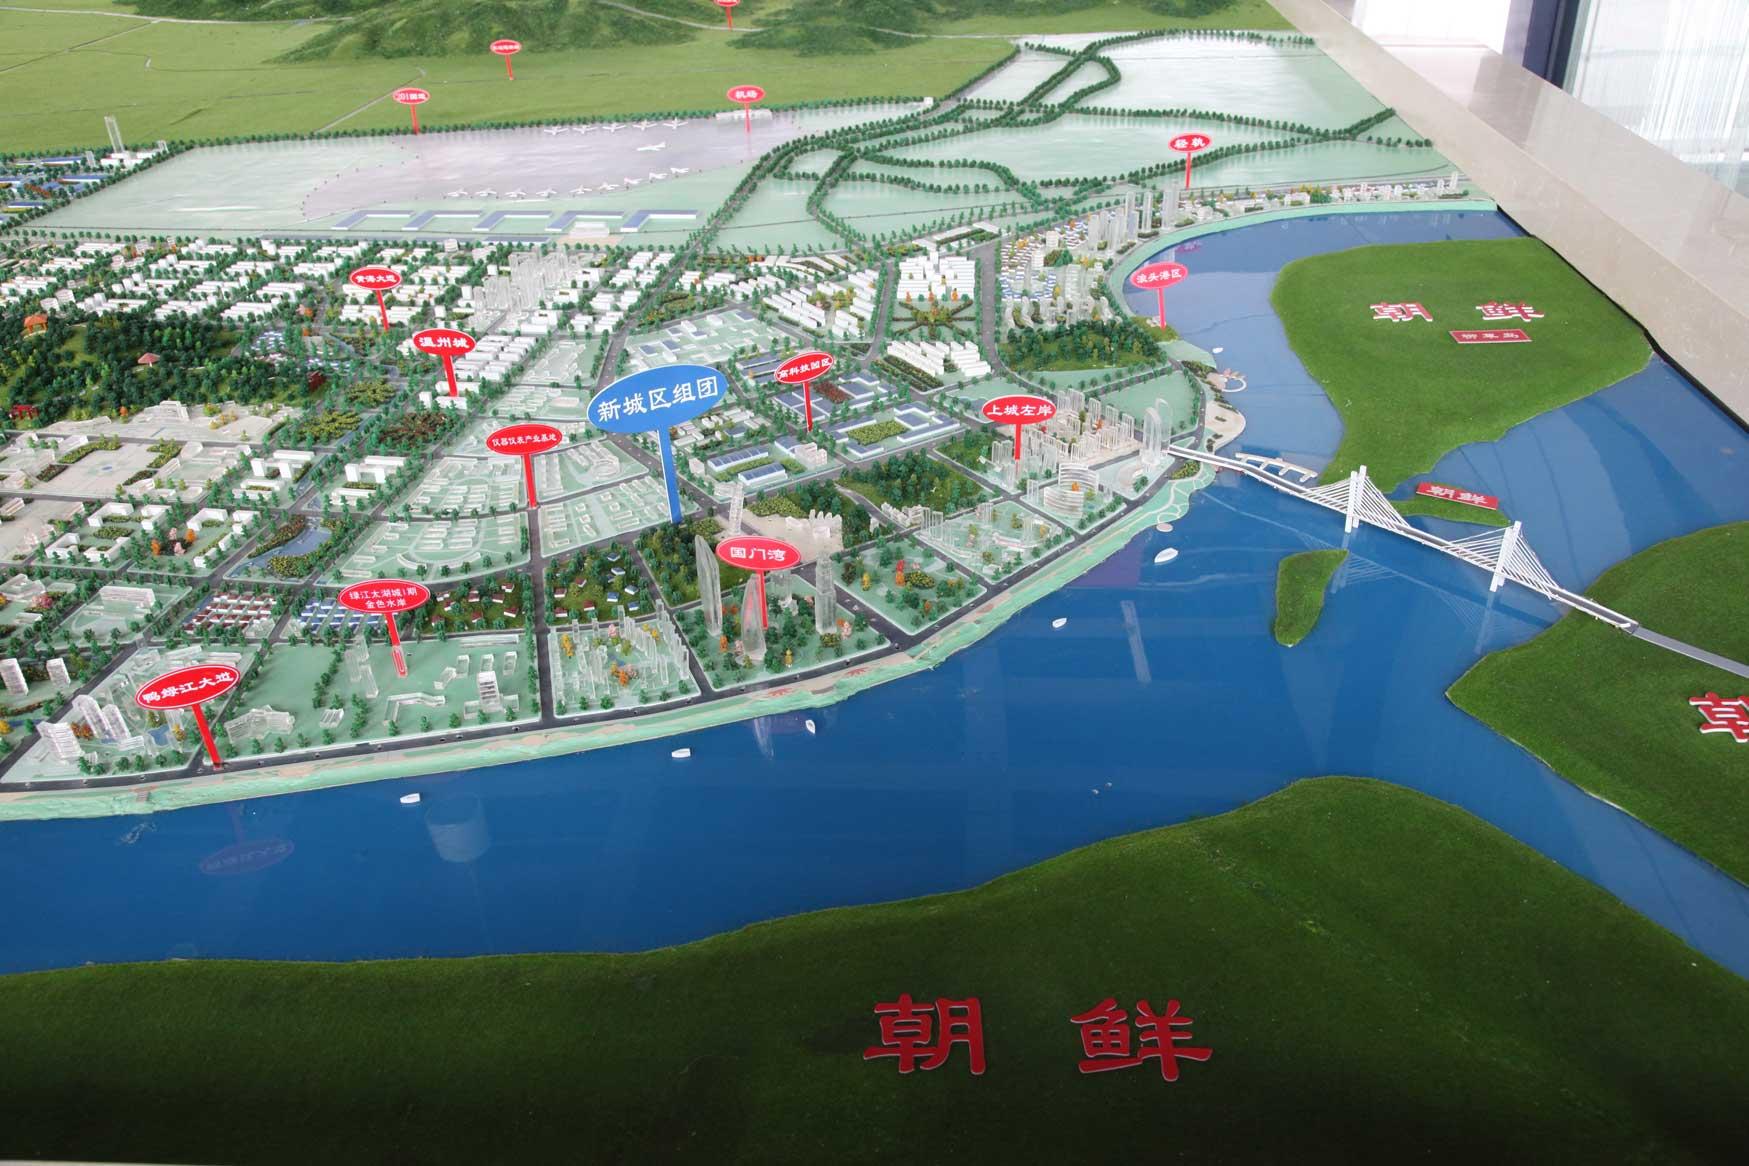 中国の地方開発はどこでもこんな感じです(まちづくりの観念は欠落。不動産販売が優先)_b0235153_17402378.jpg